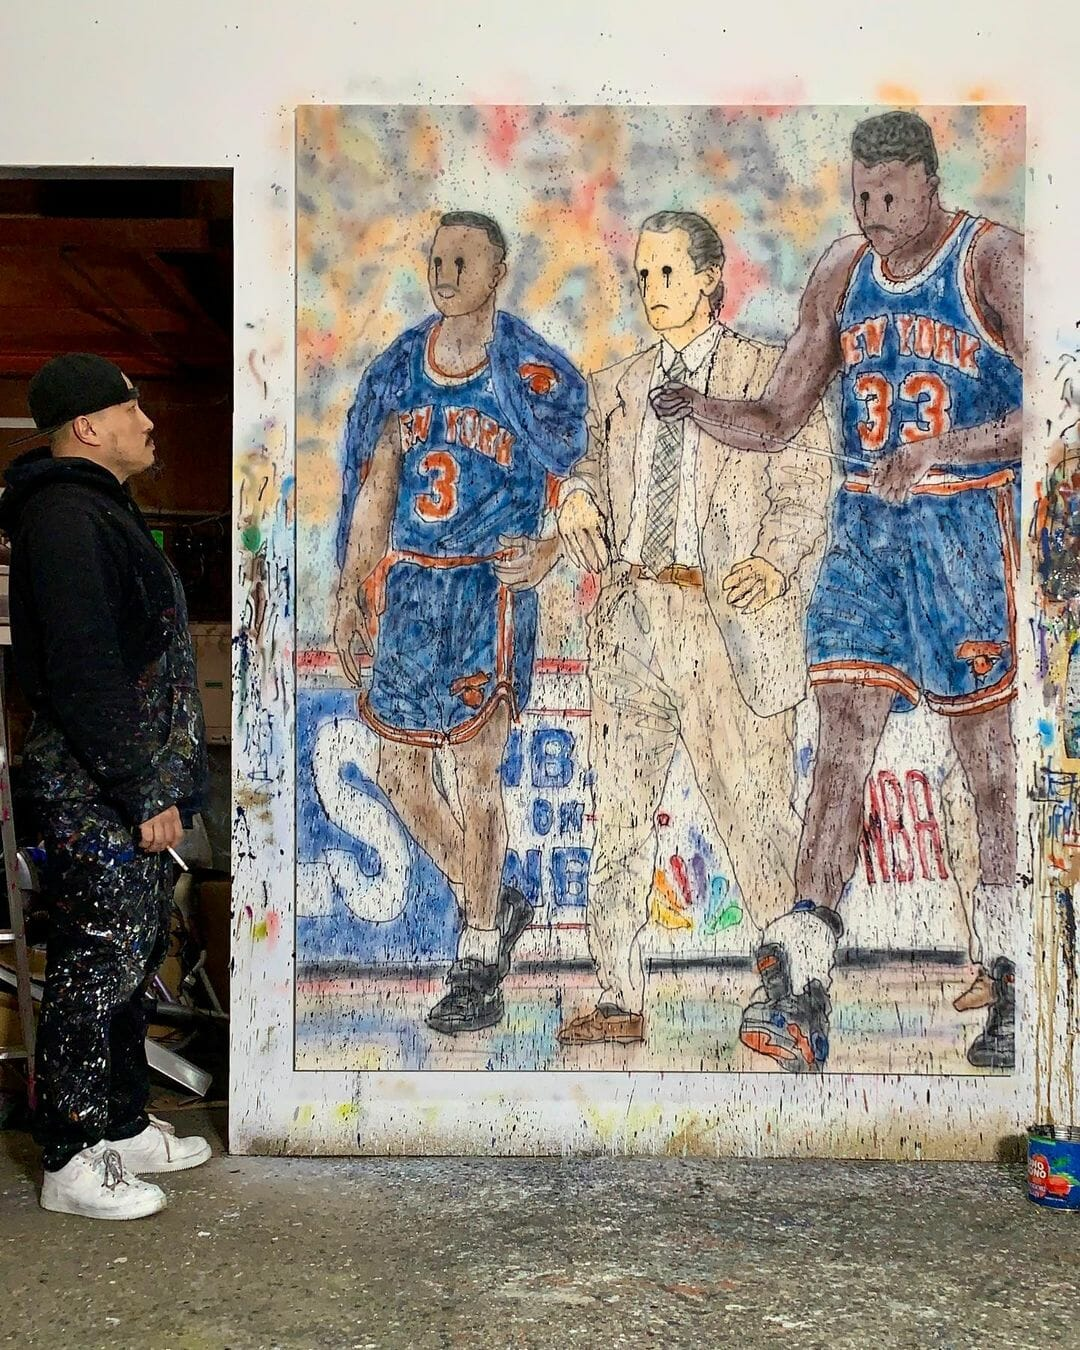 Toile réalisée par MADSAKI et inspirée par l'équipe des New York Knicks des milieu des années 90.